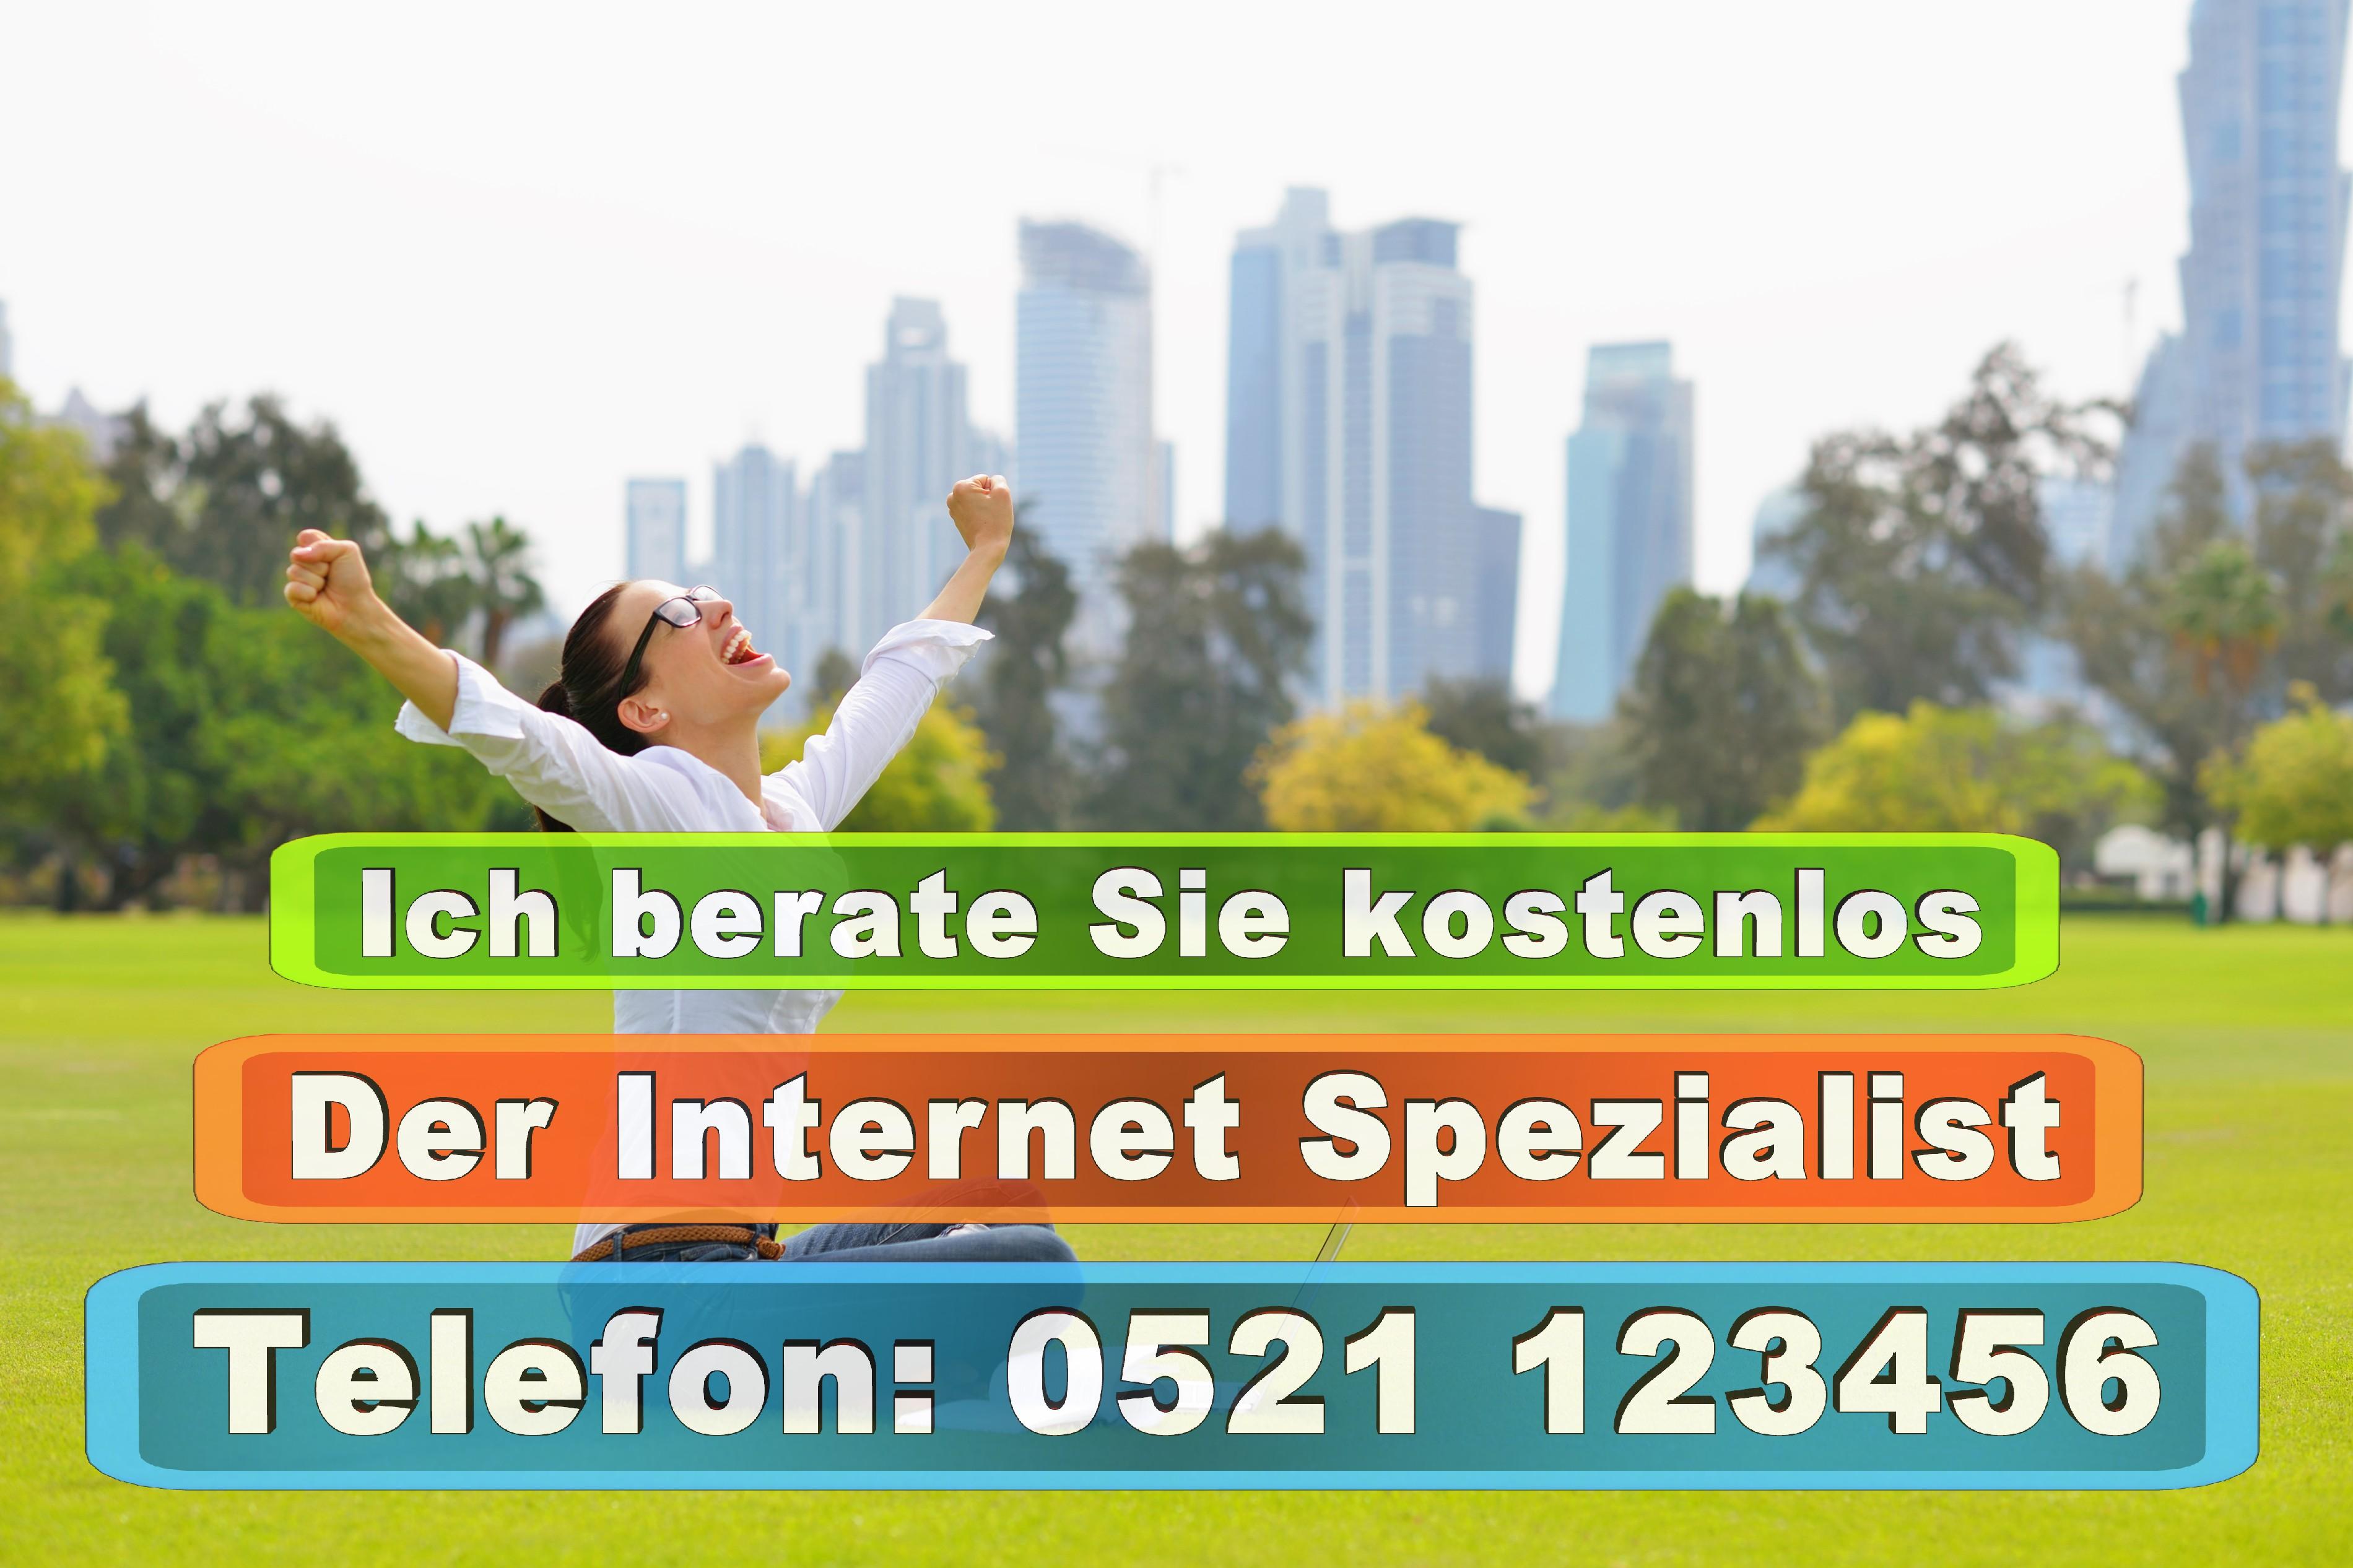 UNI Bielefeld Universität Bielefeld NRW Studentenwohnheim Mensa UNI Bielefeld NRW (19)